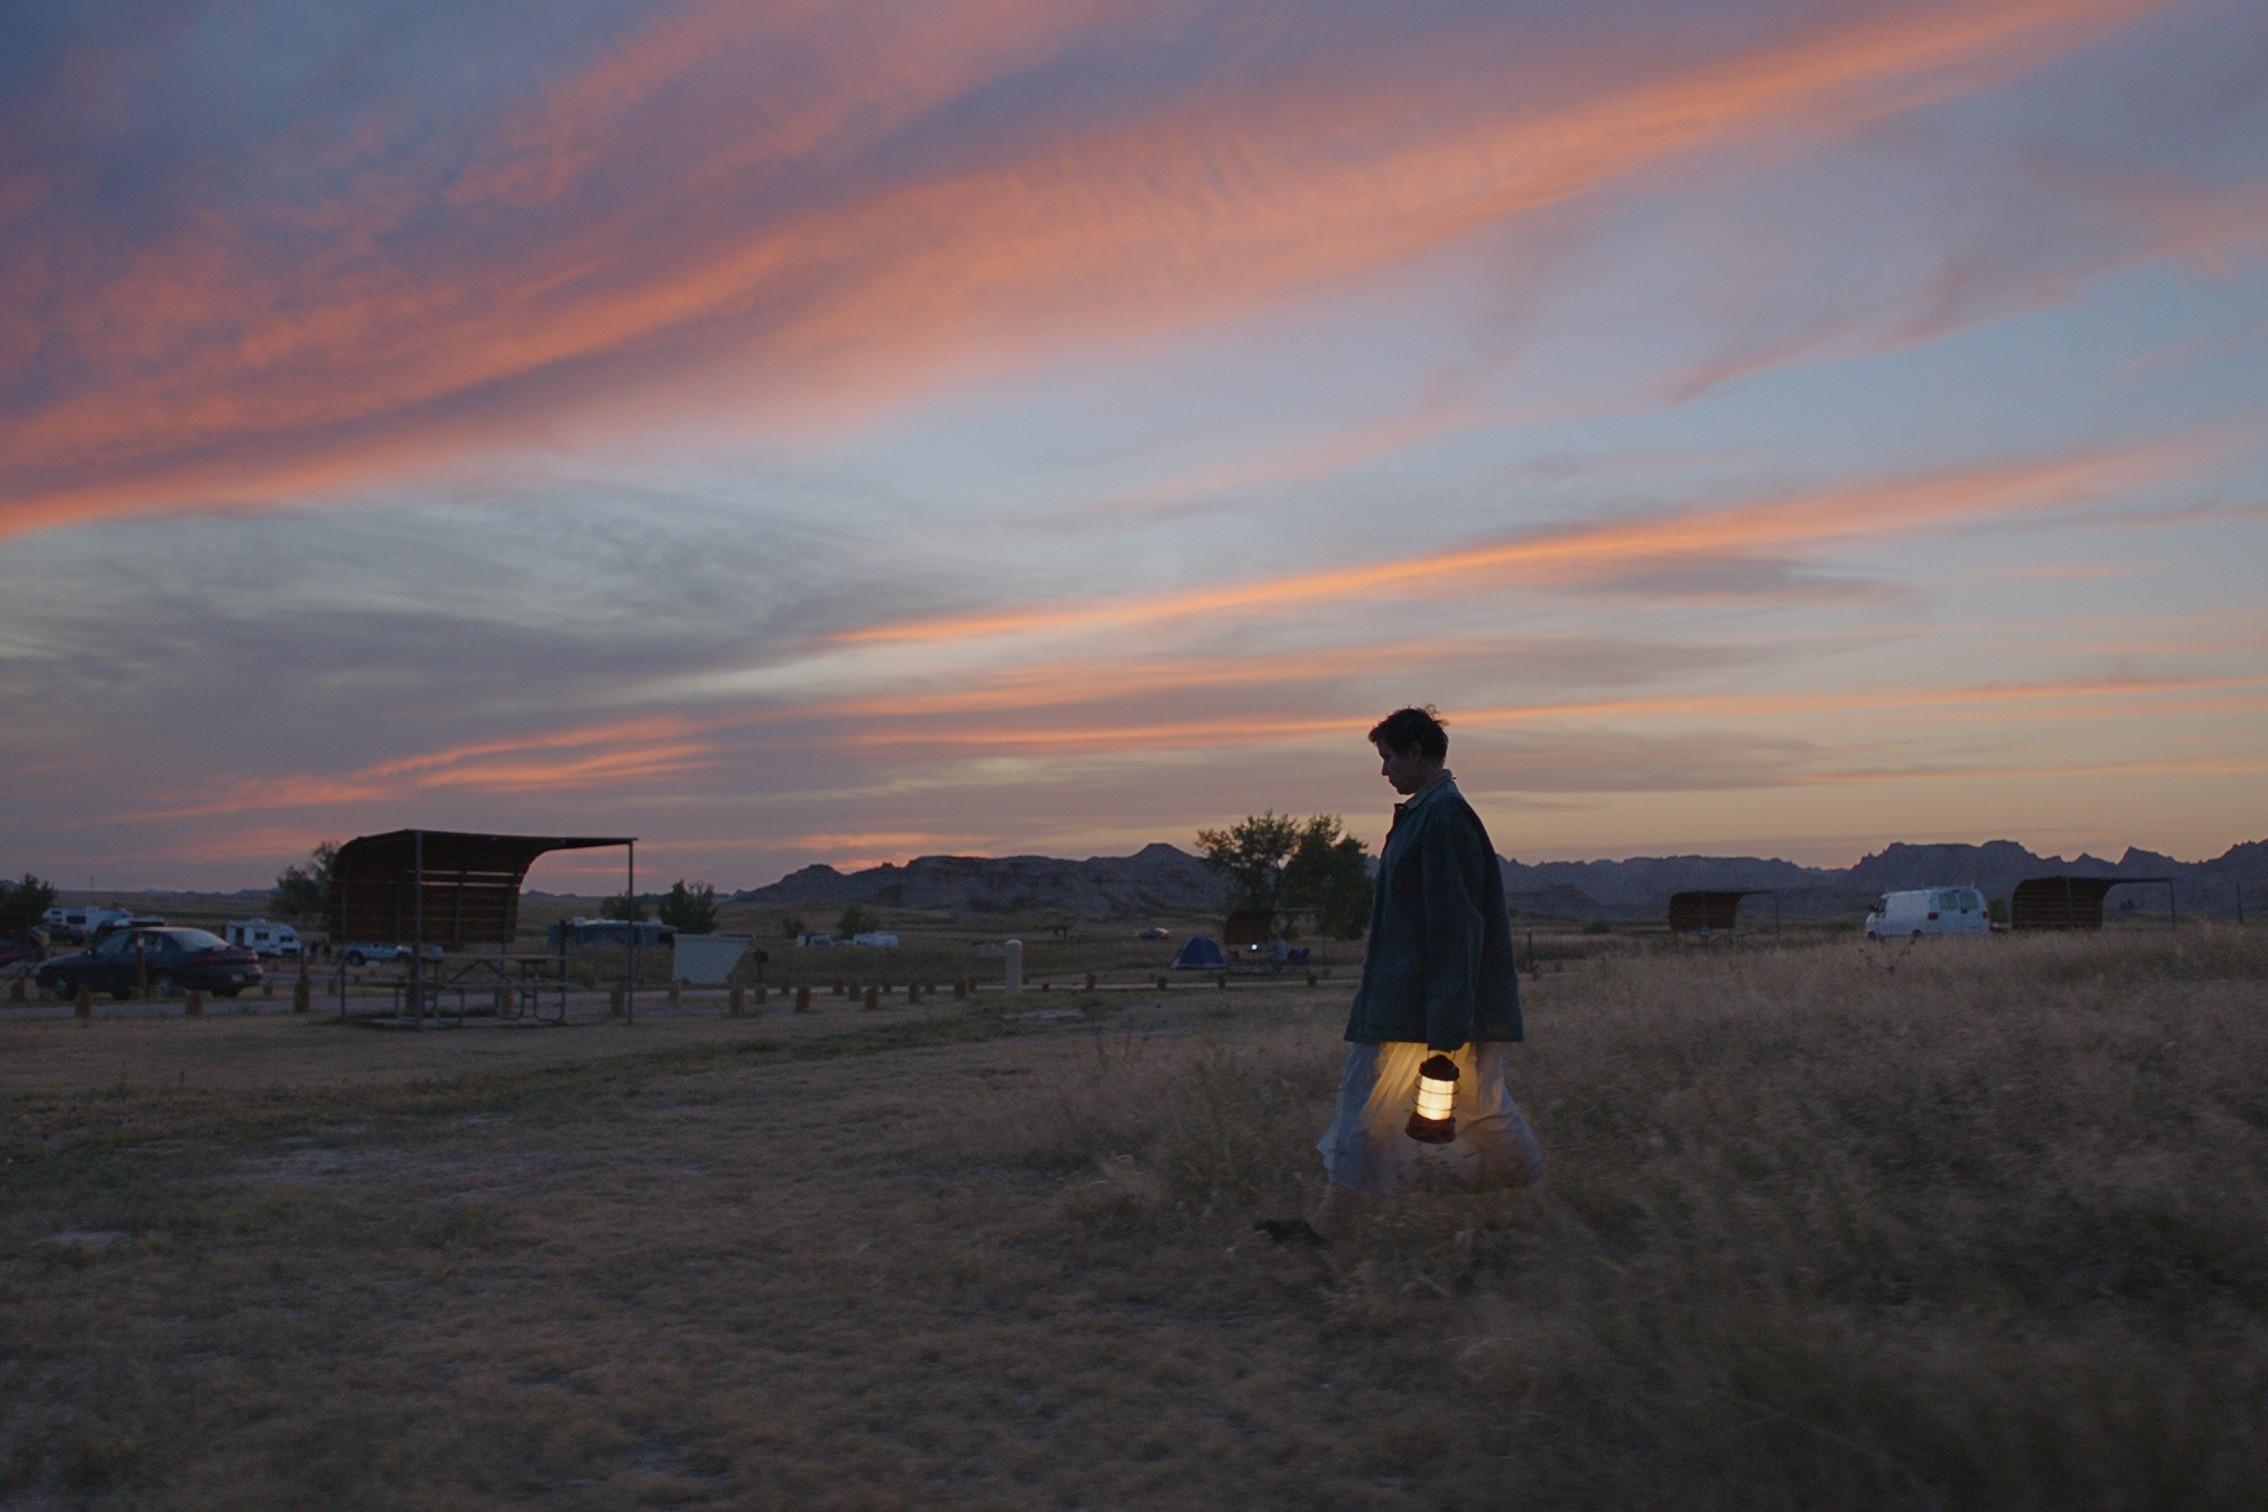 游牧人生,第93屆奧斯卡,趙婷,法蘭西絲麥朵曼,游牧族,銀髮退休族,老年生活,最佳影片,最佳導演,最佳女主角